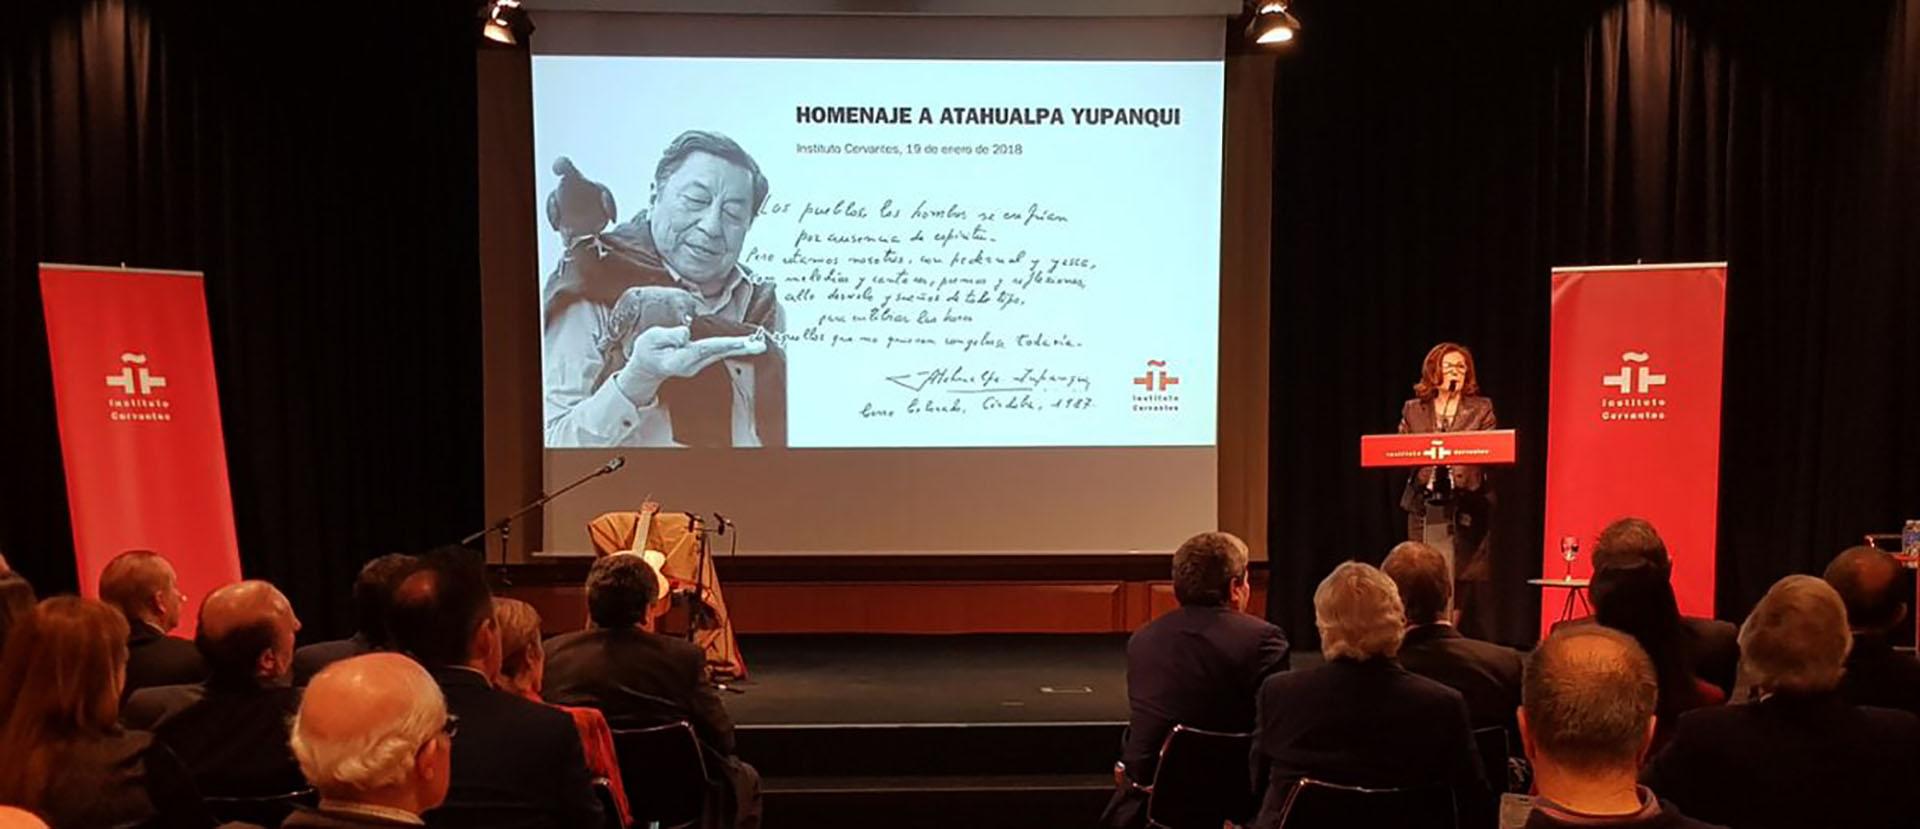 Patrimonio argentino en España: se hizo un homenaje al cantautor Atahualpa Yupanqui en el instituto Cervantes de Madrid. Su hijo, Roberto Chavero, depositó en la Caja de las Letras del Instituto el legado de su padre.